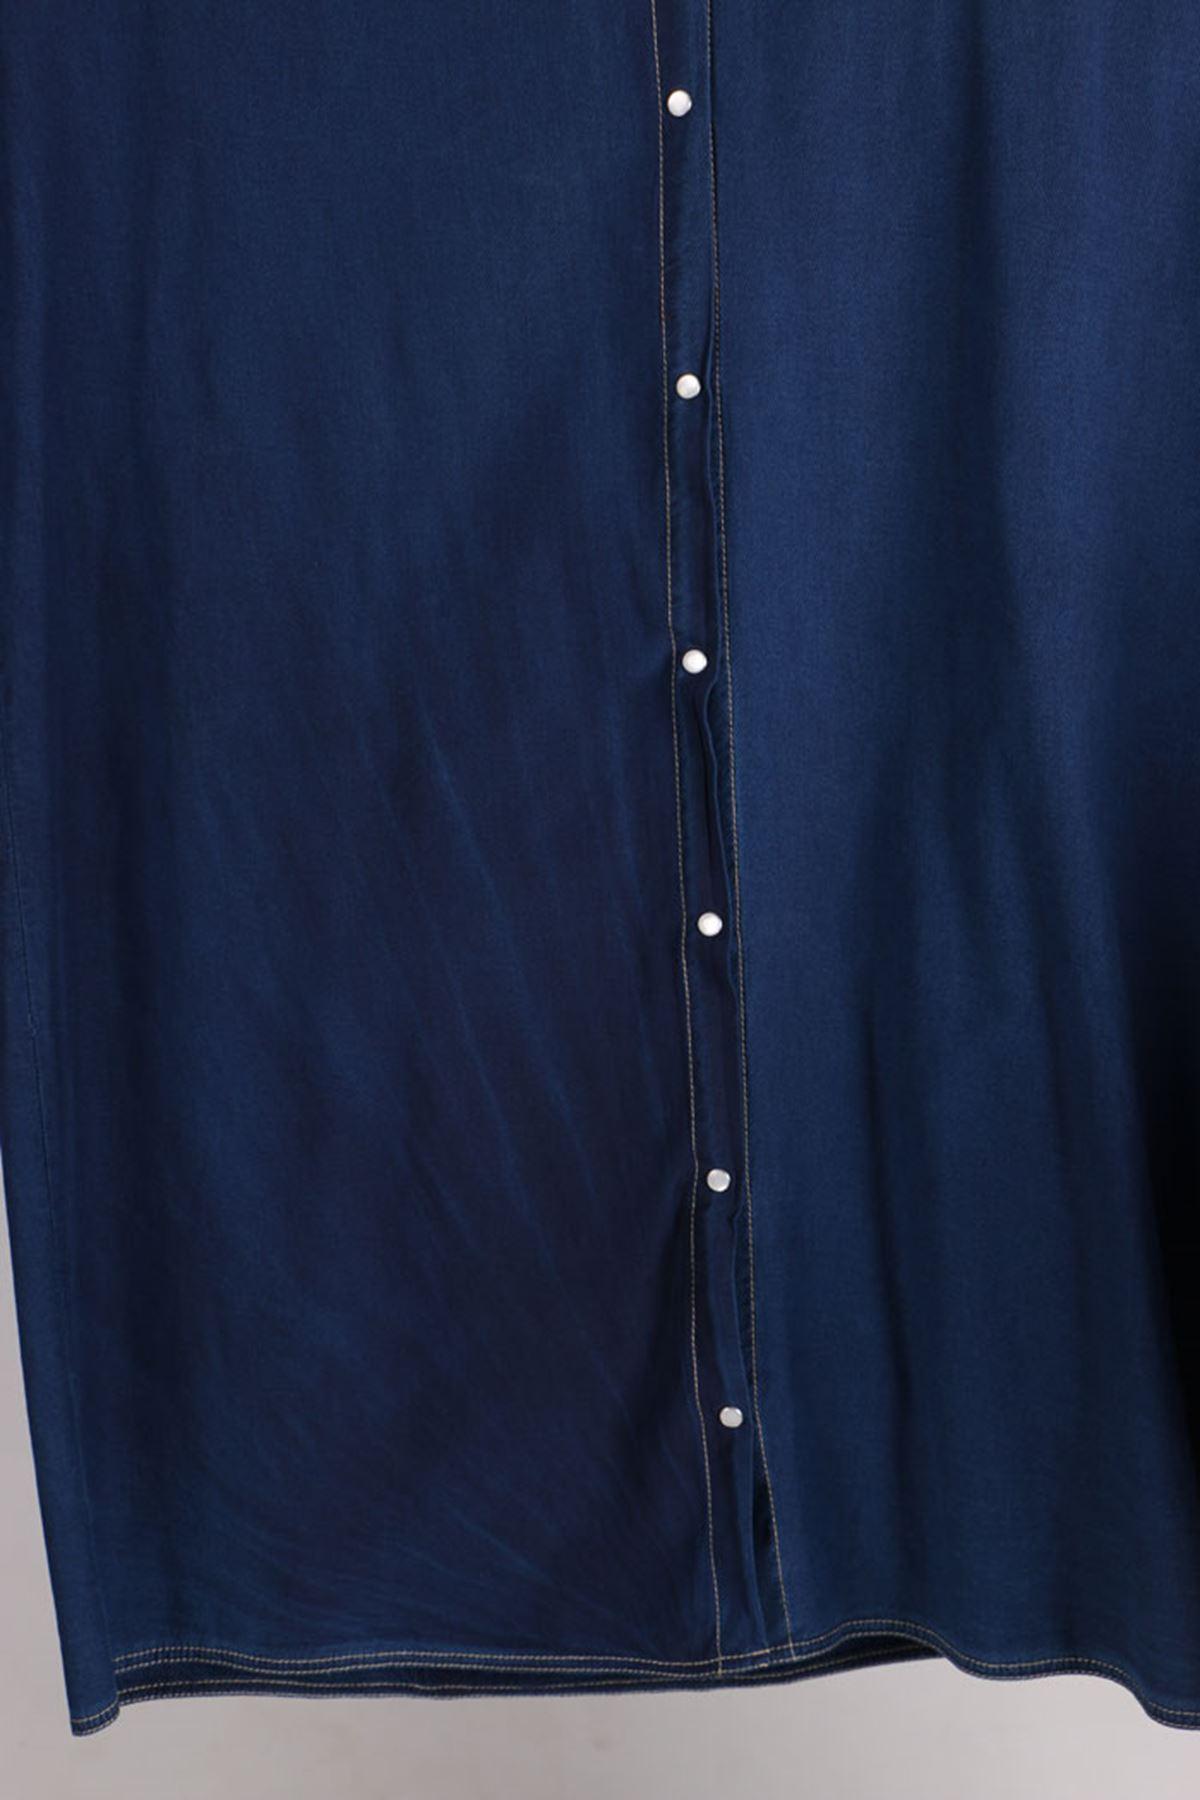 D-3148 Büyük Beden Defolu Çıtçıtlı Kapüşonlu Kot Ceket - Mavi